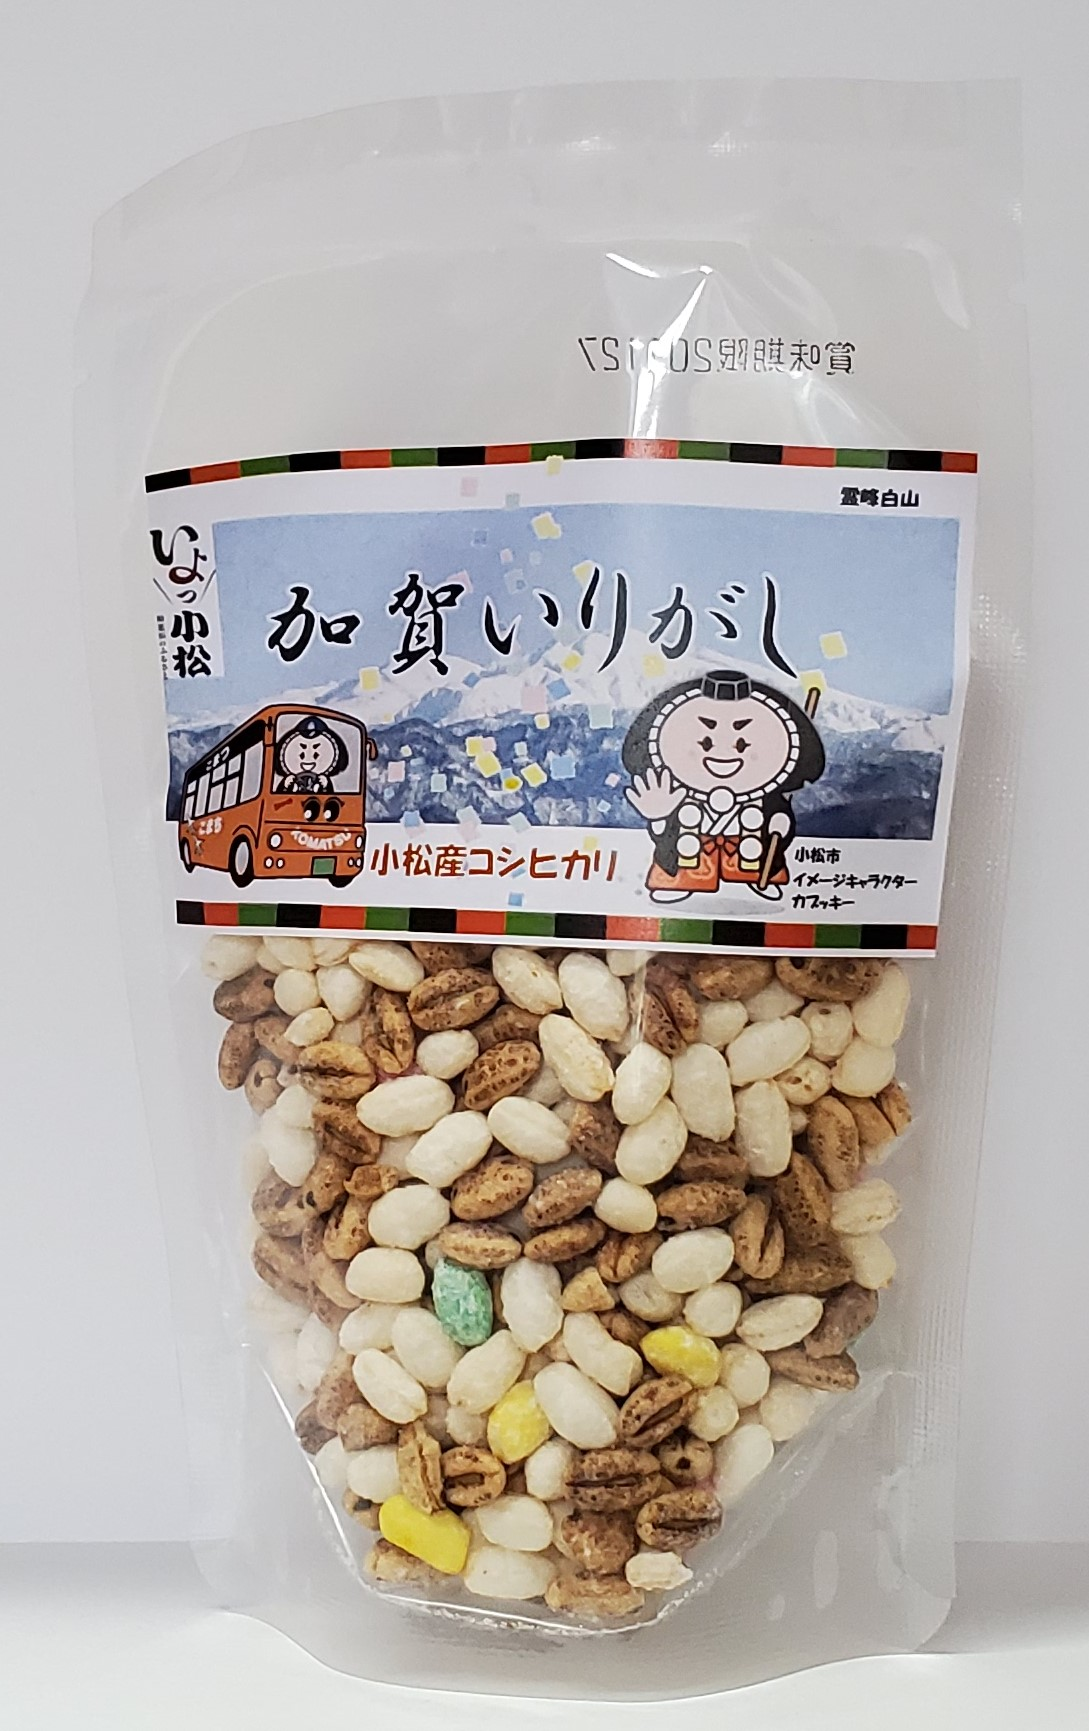 大麦・三色白米(20g)…小松市産六条大麦と三色白米がミックスされています。